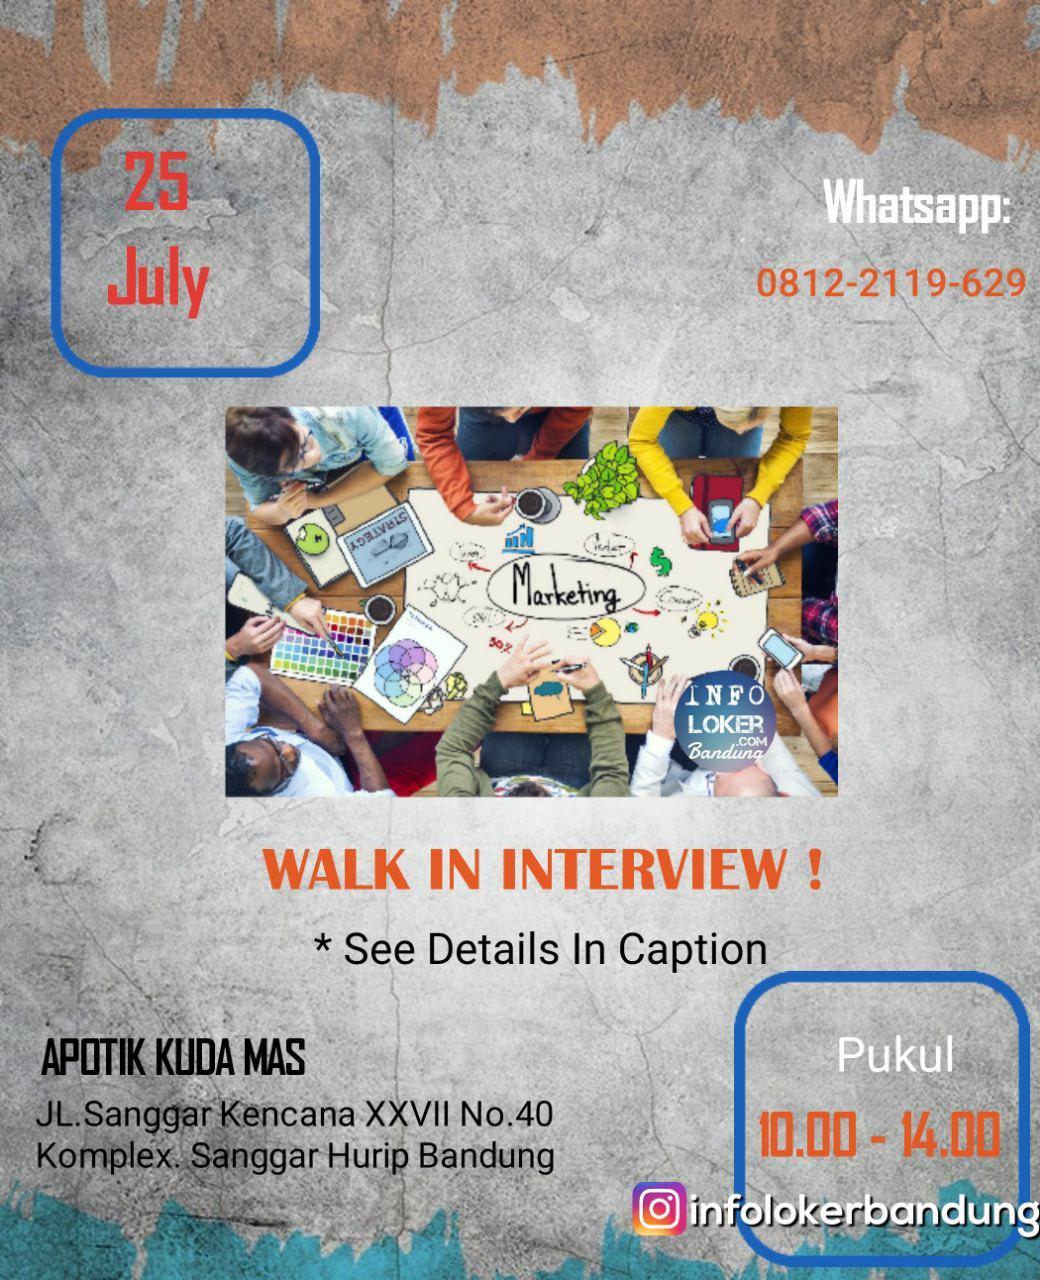 Walk In Interview 25 Julty 2018 Apotik Kuda Mas Bandung